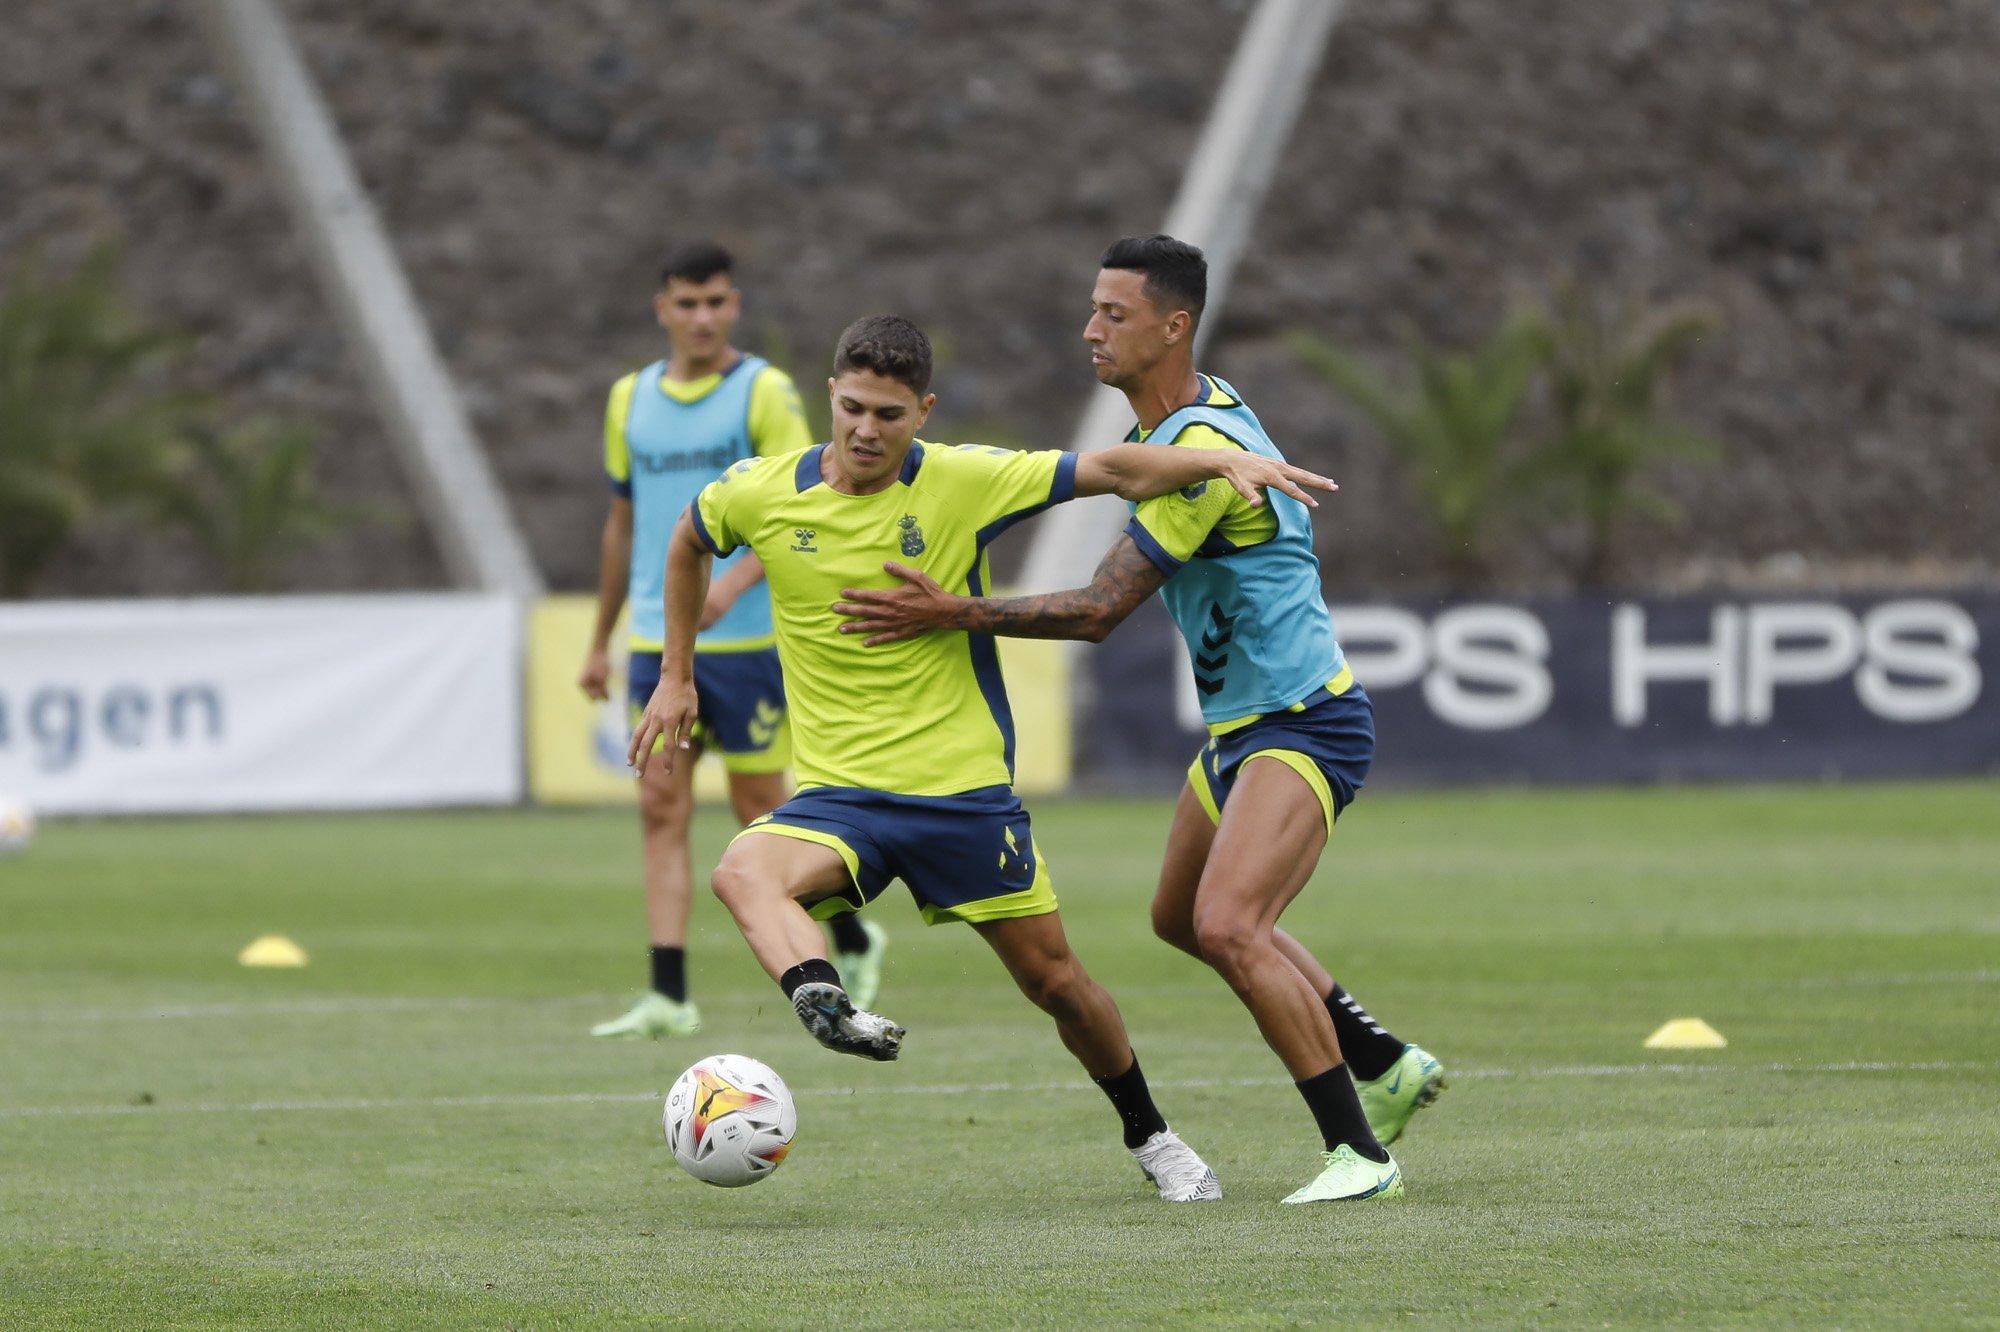 Último entrenamiento de la UD Las Palmas en Barranco Seco antes de partir hacia Marbella. Imagen Twitter UD Las Palmas